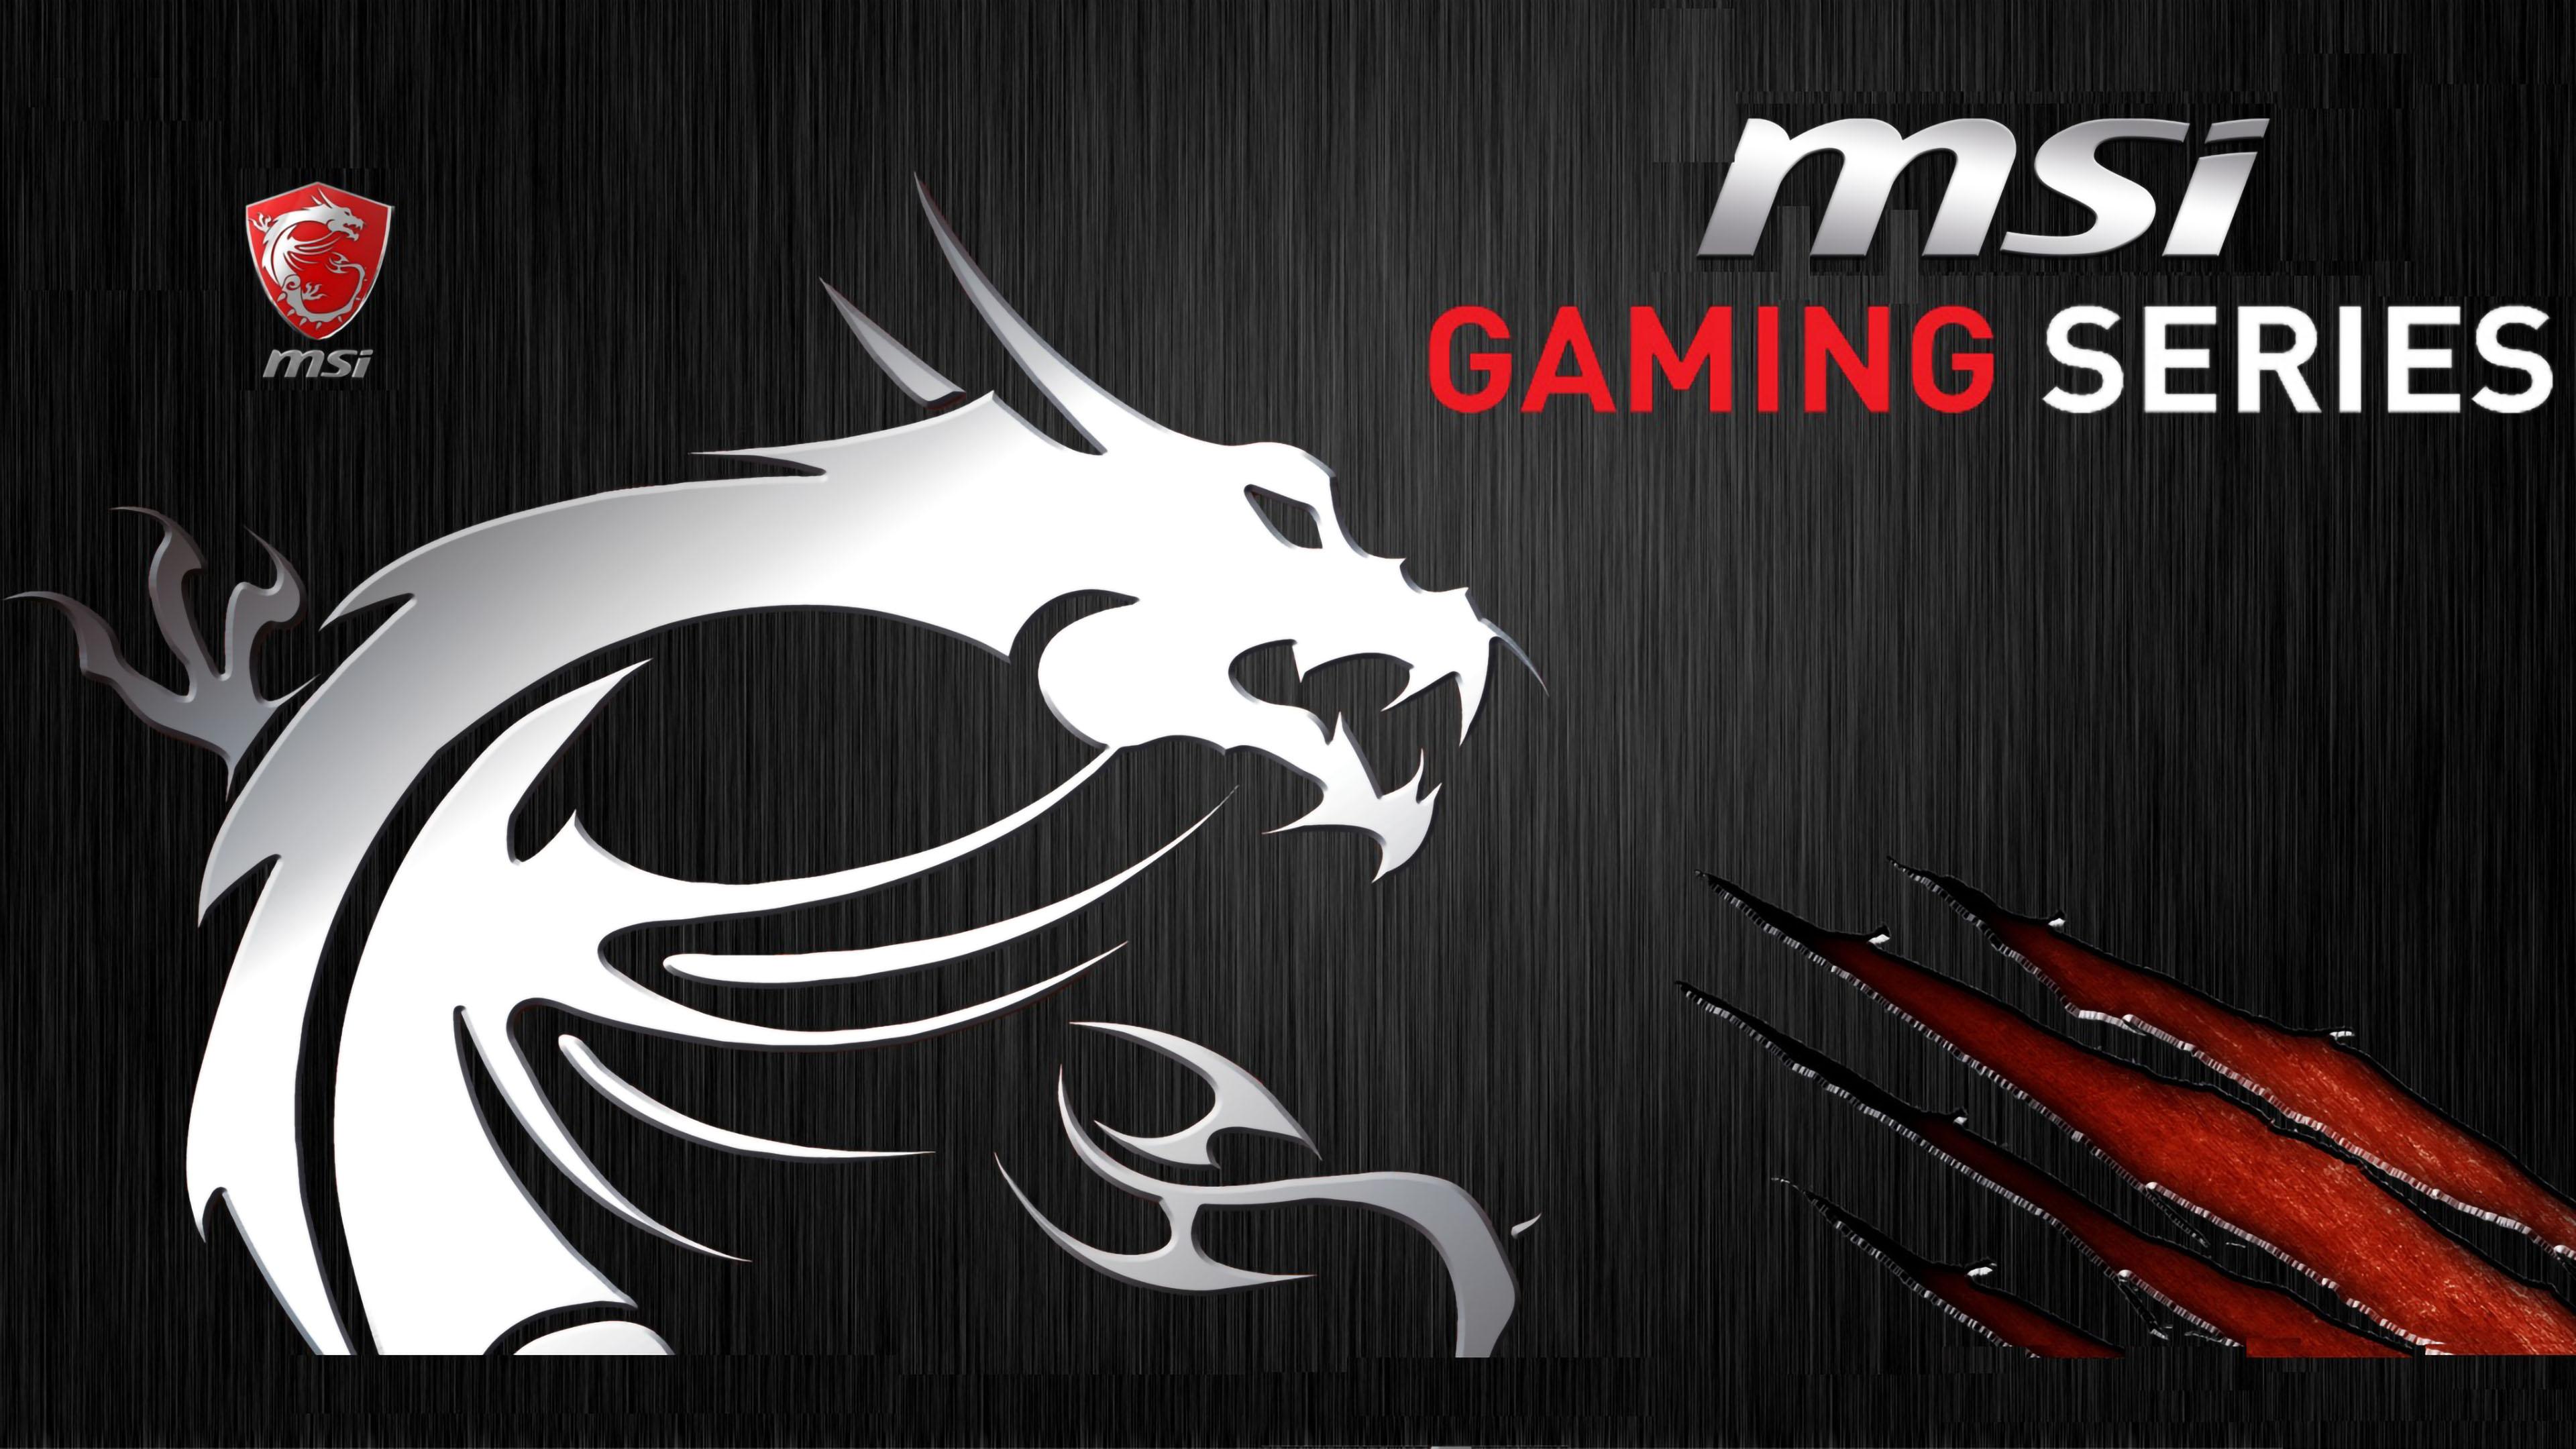 MSI desktop wallpaper